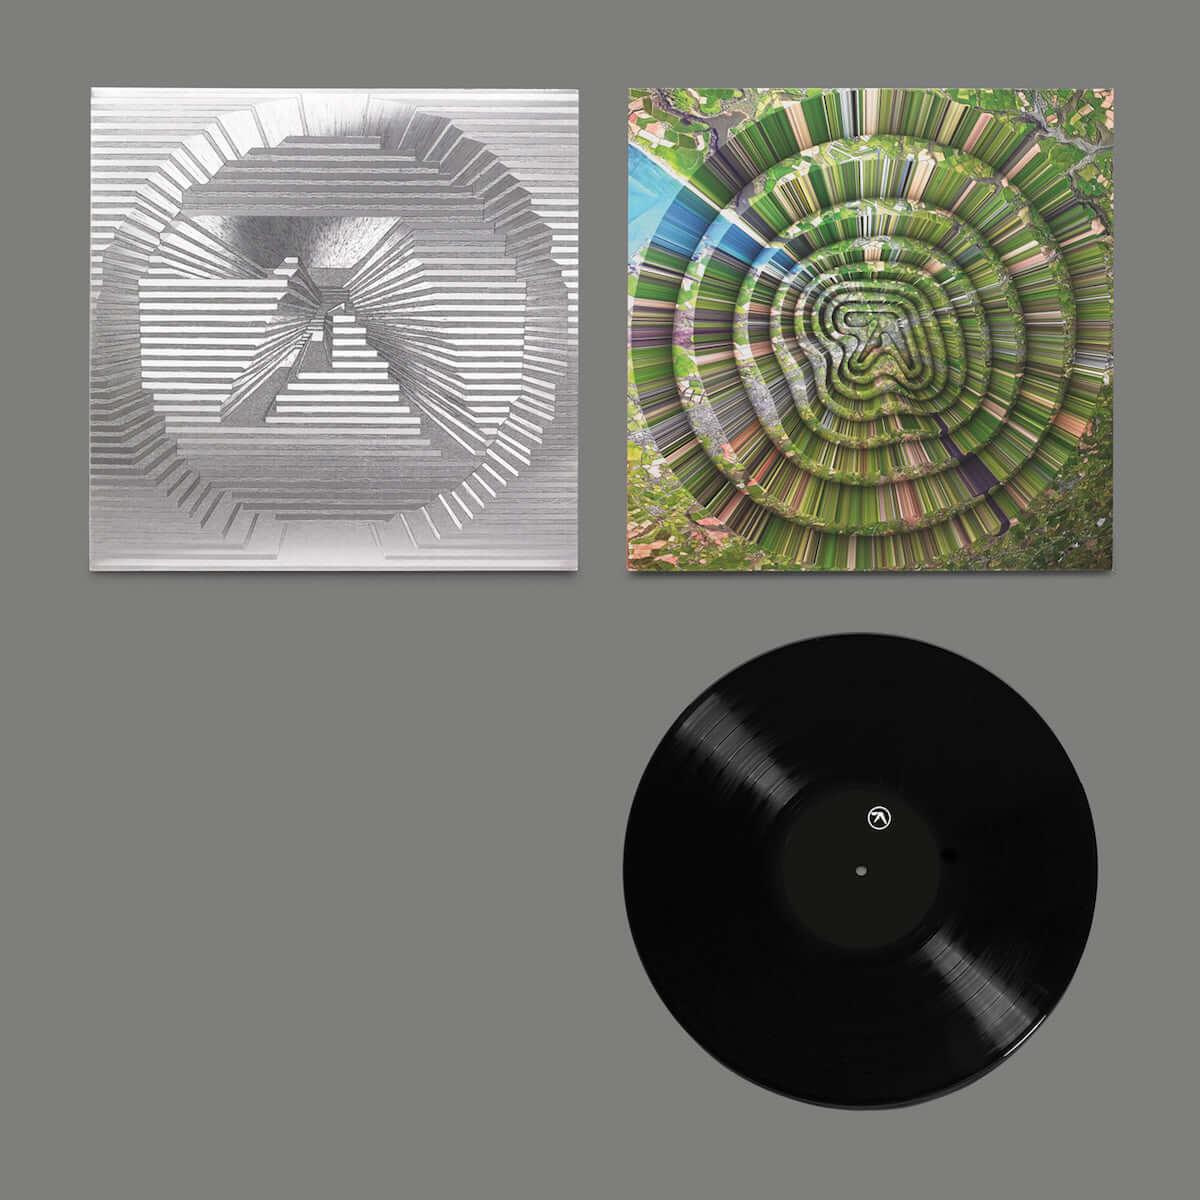 エイフェックス・ツイン『Collapse EP』発売記念!盛り上がり間違いなしのインストアDJイベントがBEAMS RECORDSで開催 aphex-twin-beams-180912_3-1200x1200